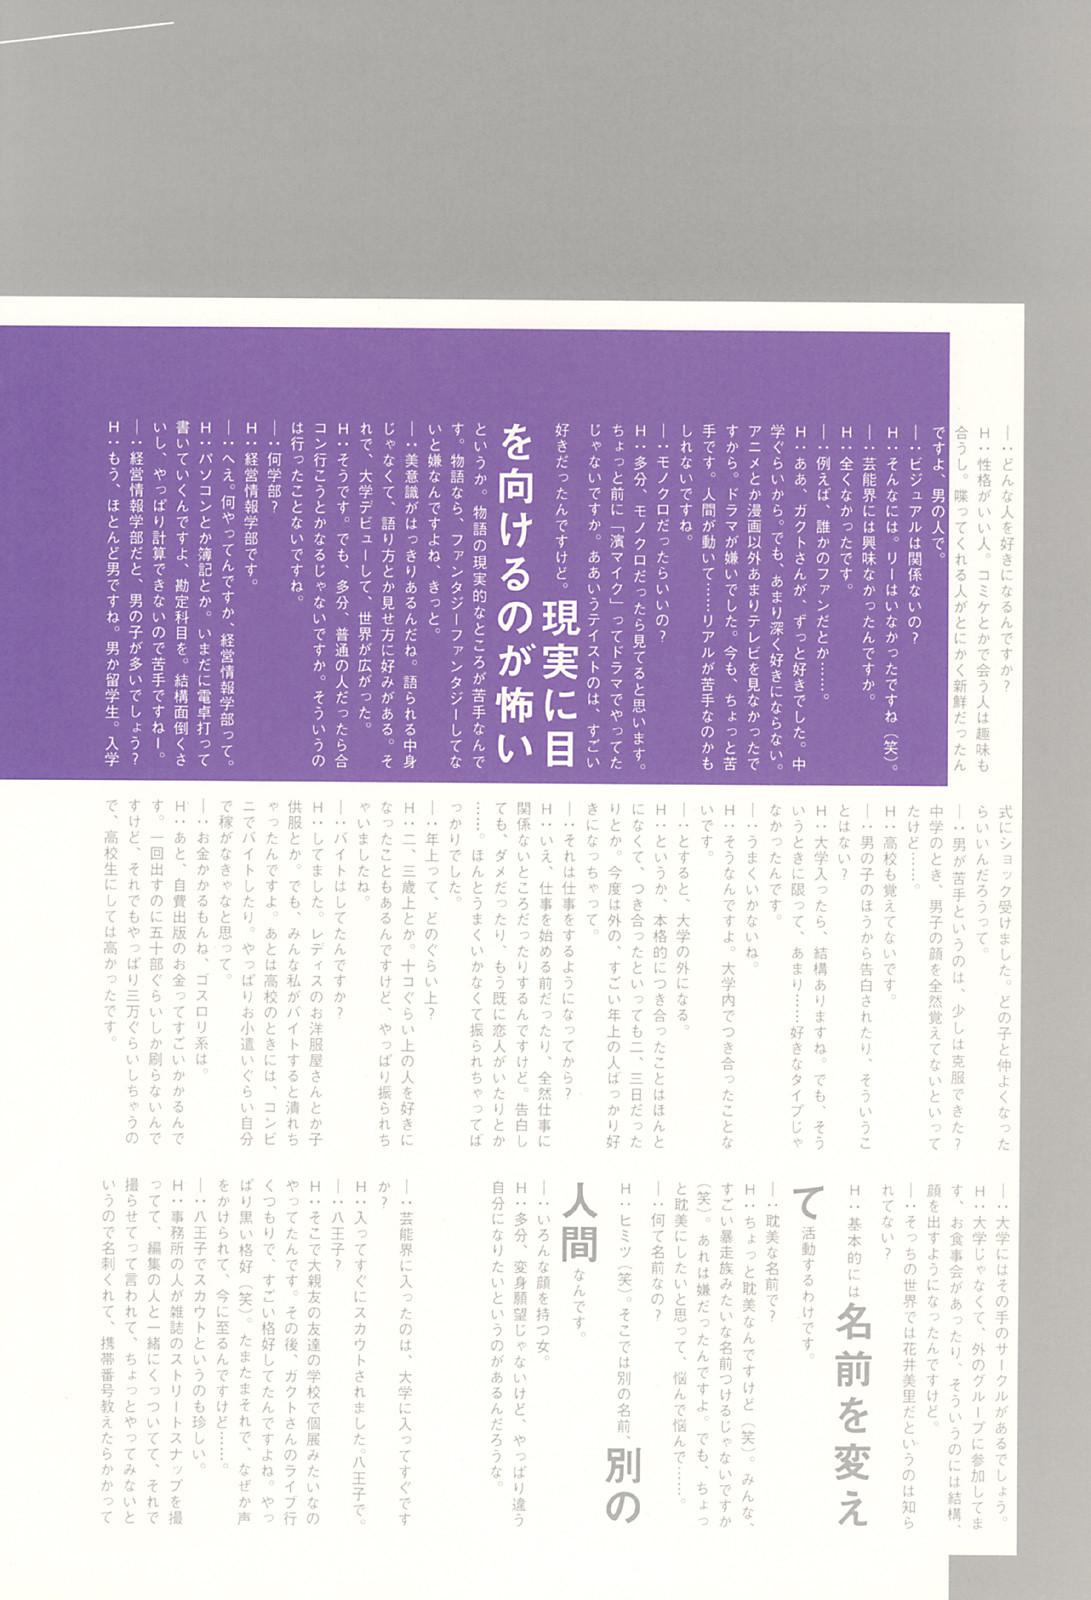 月刊 花井美里 写真集 hanai054